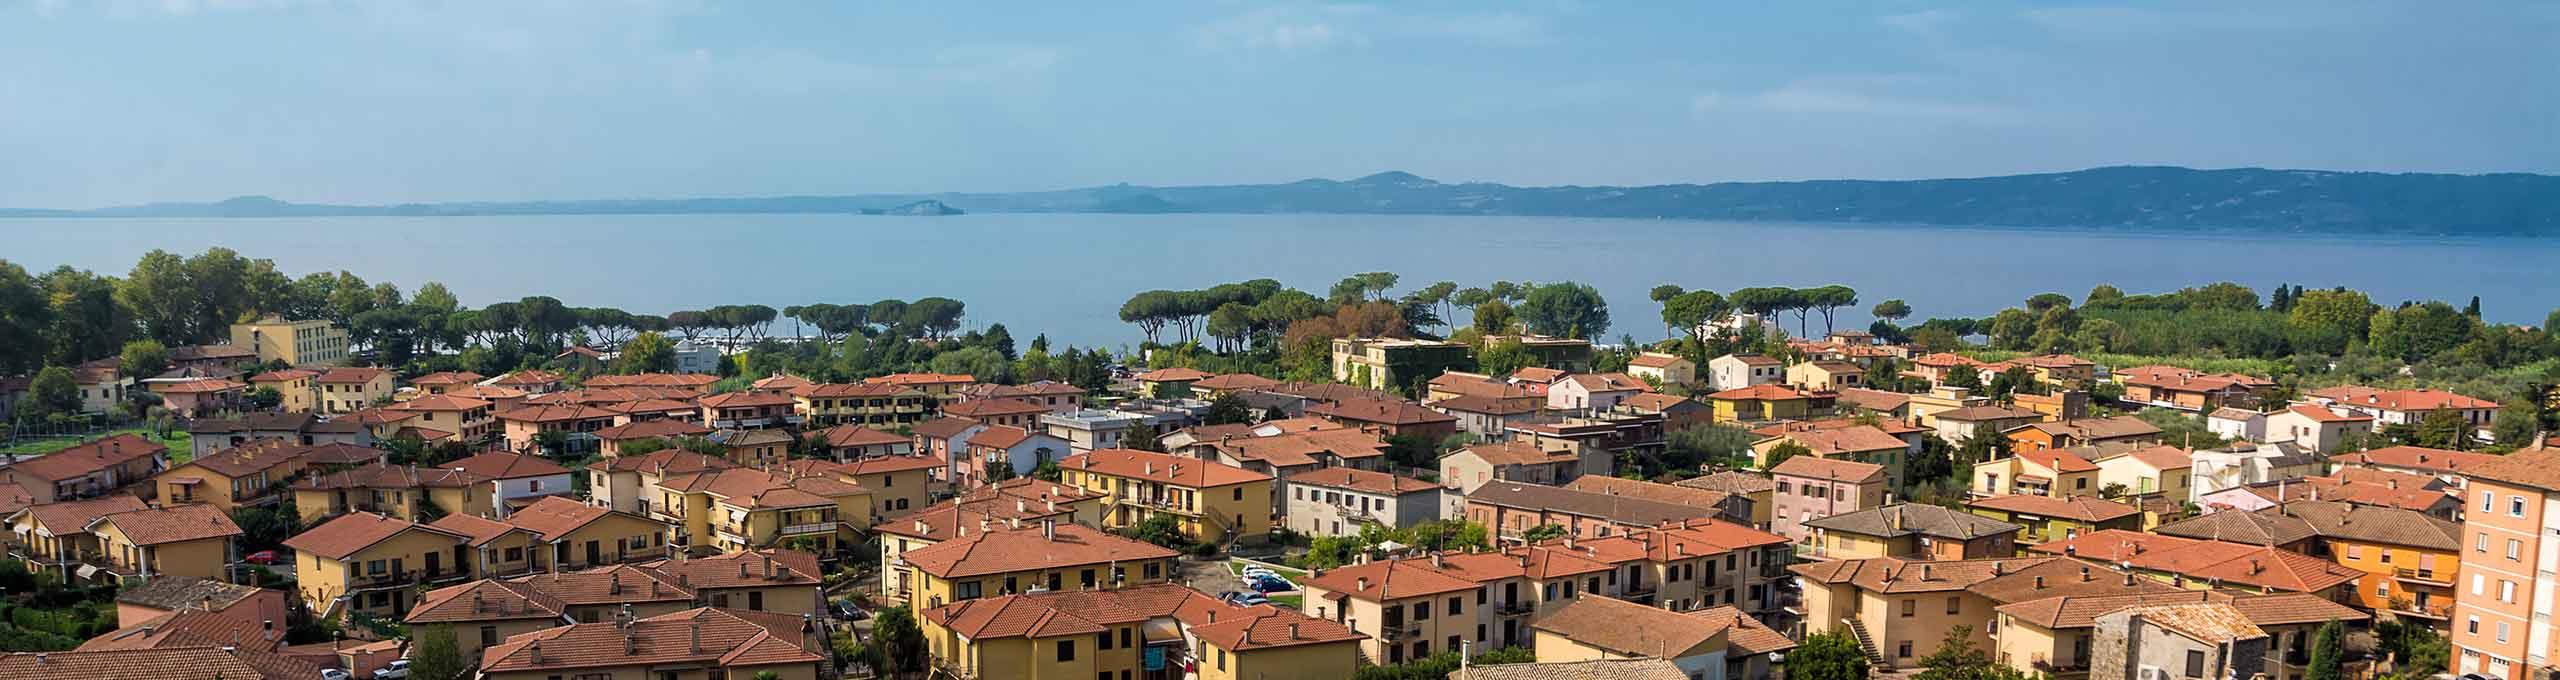 Lago di Bolsena, Lazio